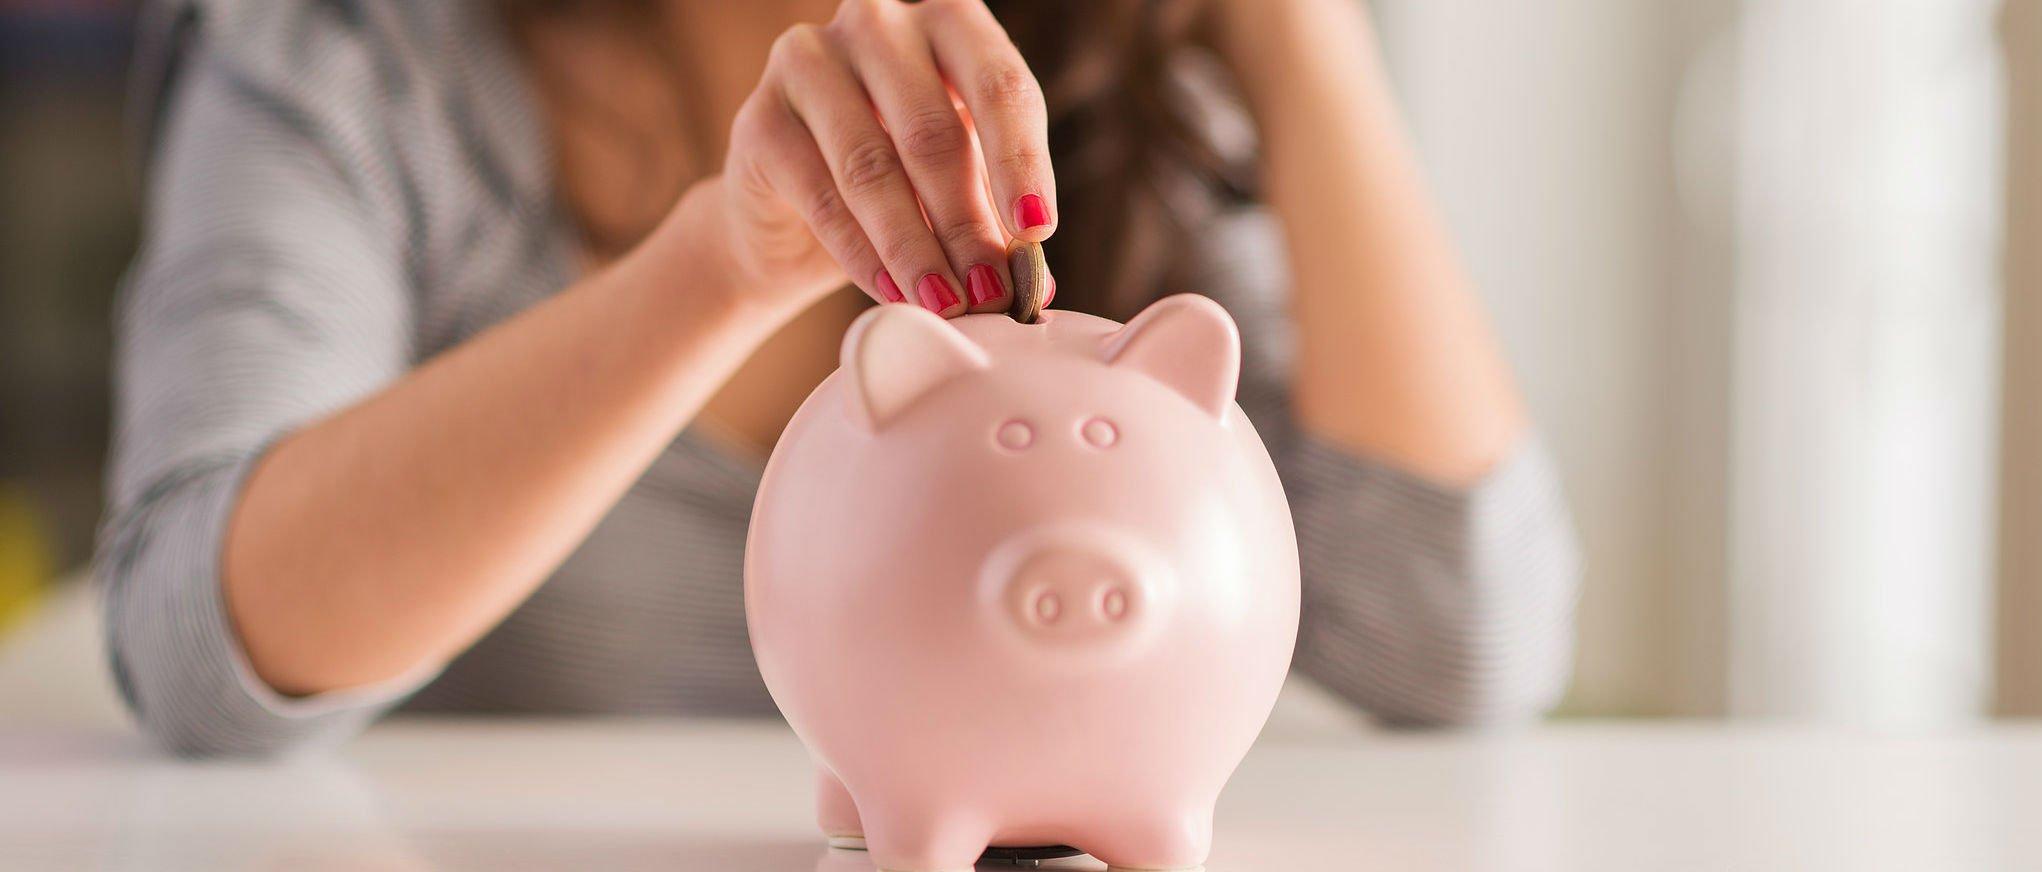 Compensazione della donazione di ovuli